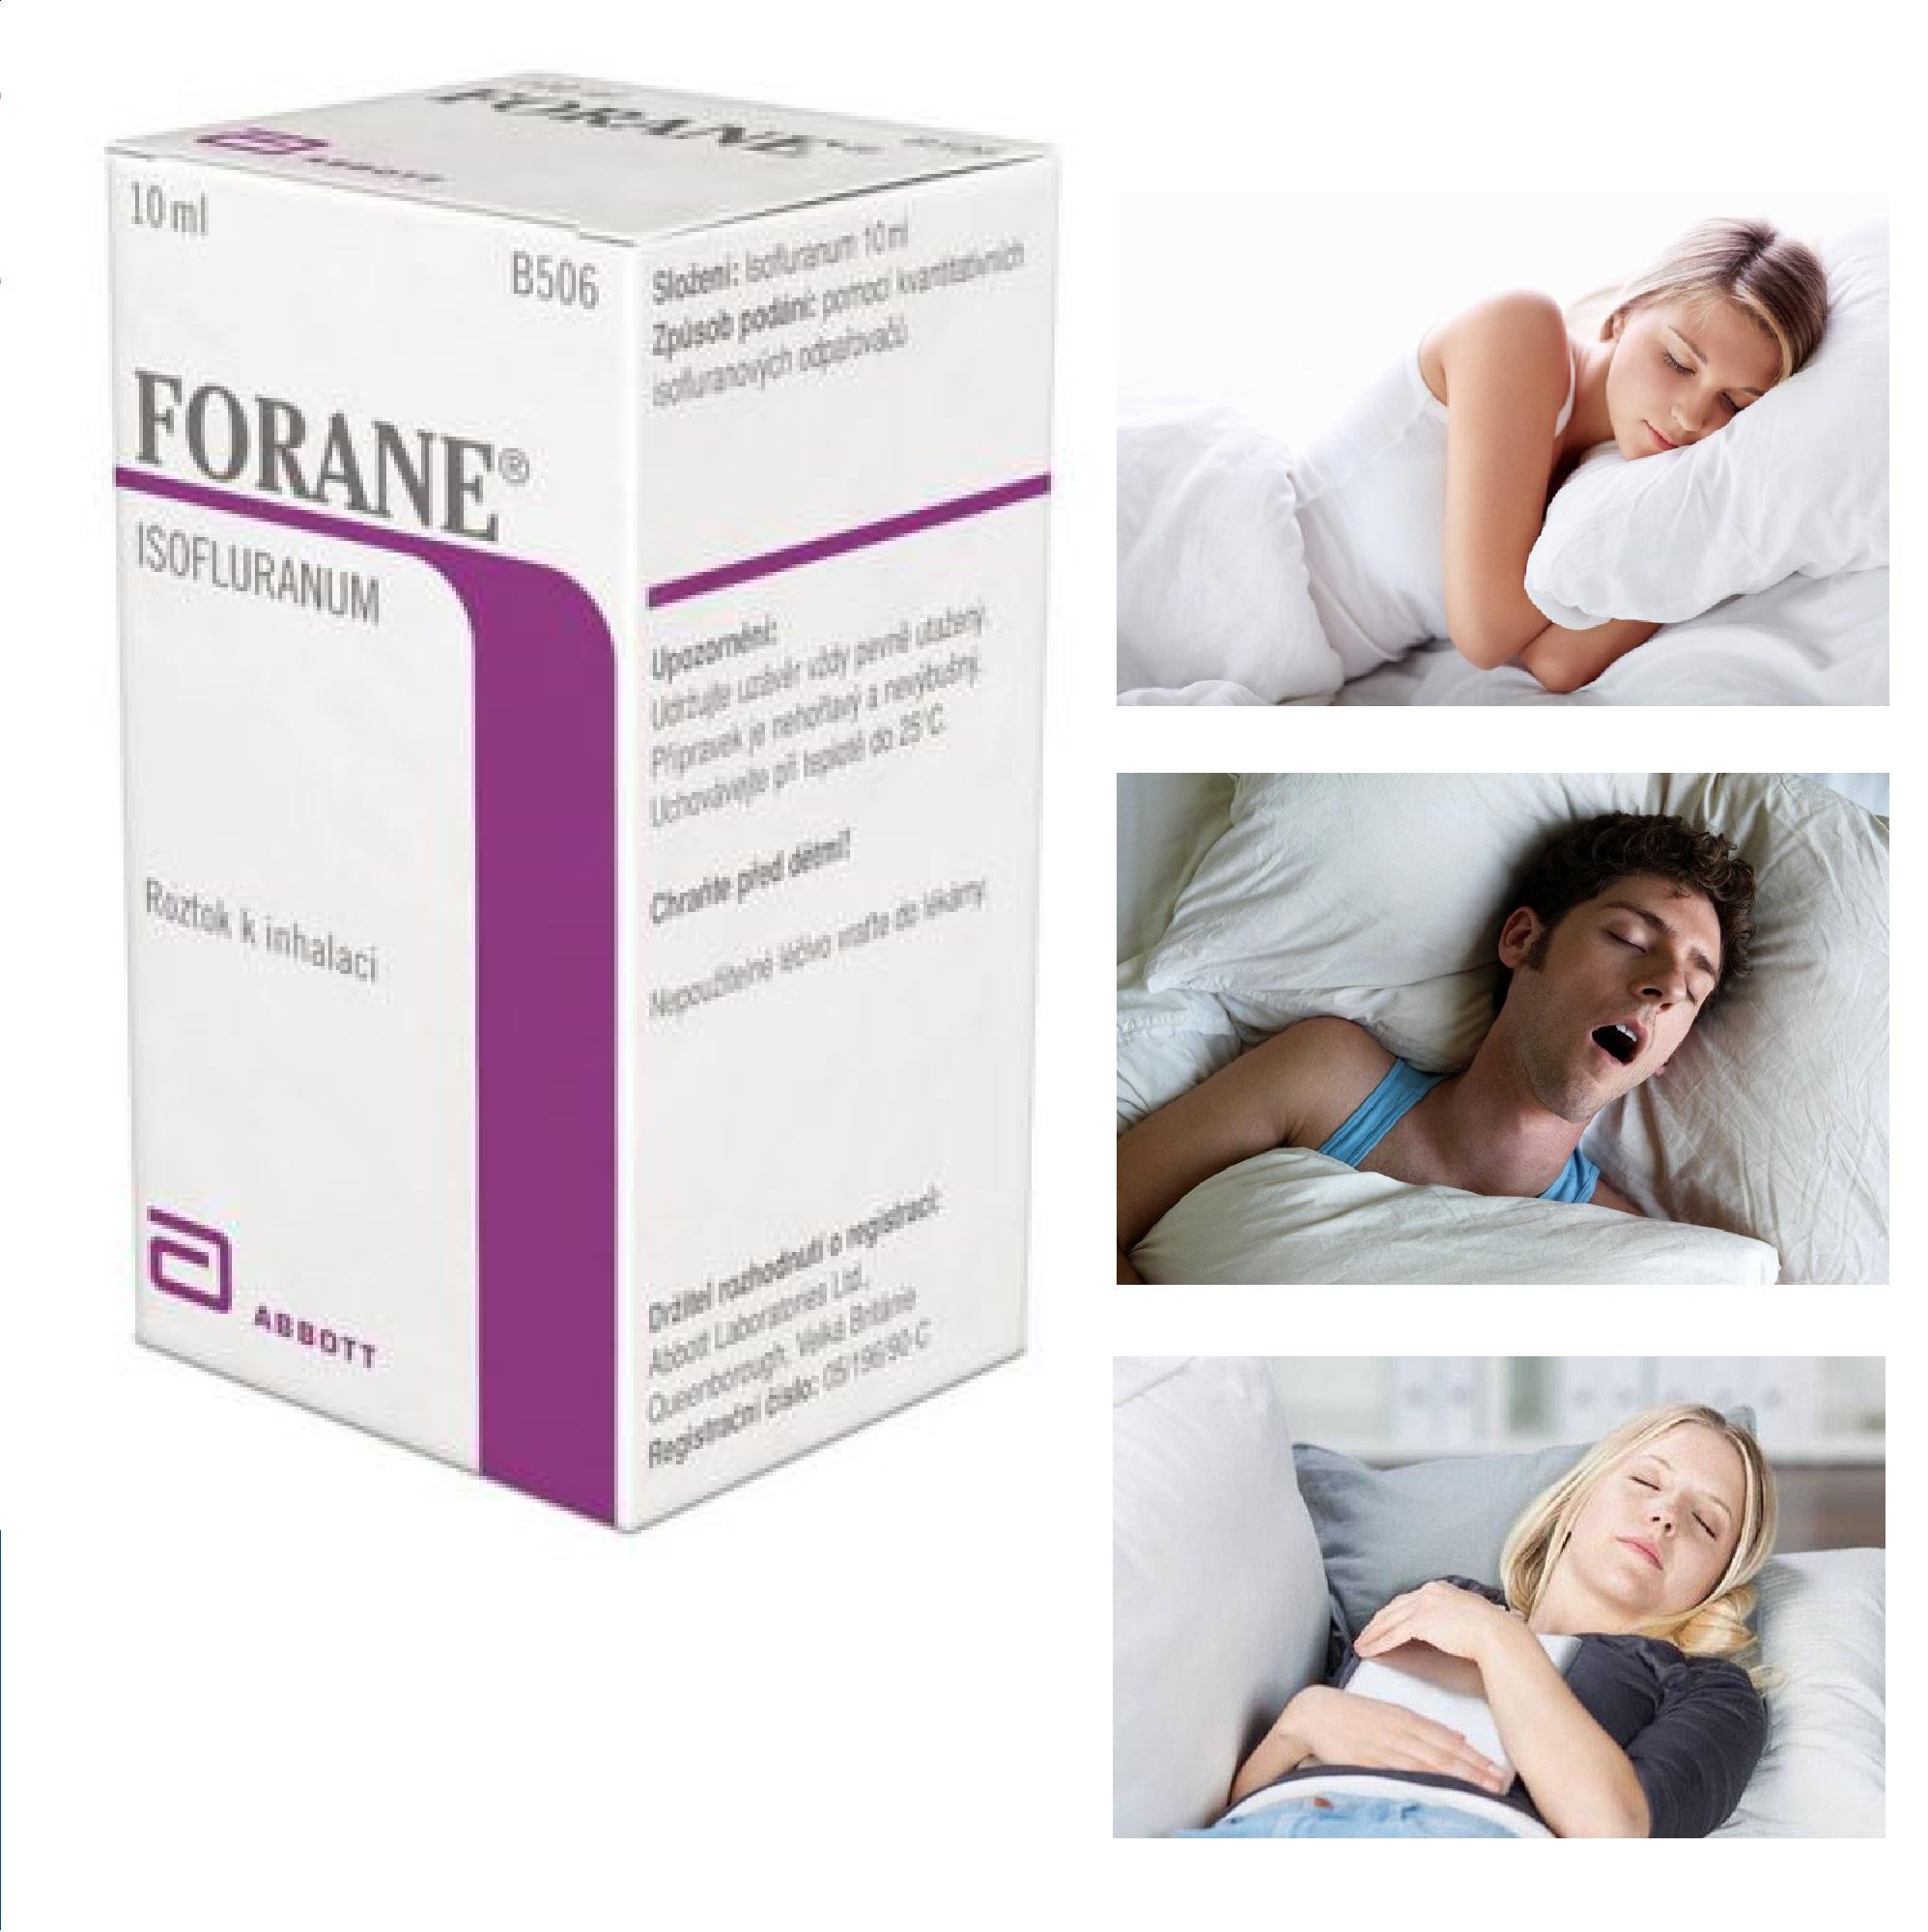 Chai xịt FORANE hỗ trợ giấc ngủ (10ml)